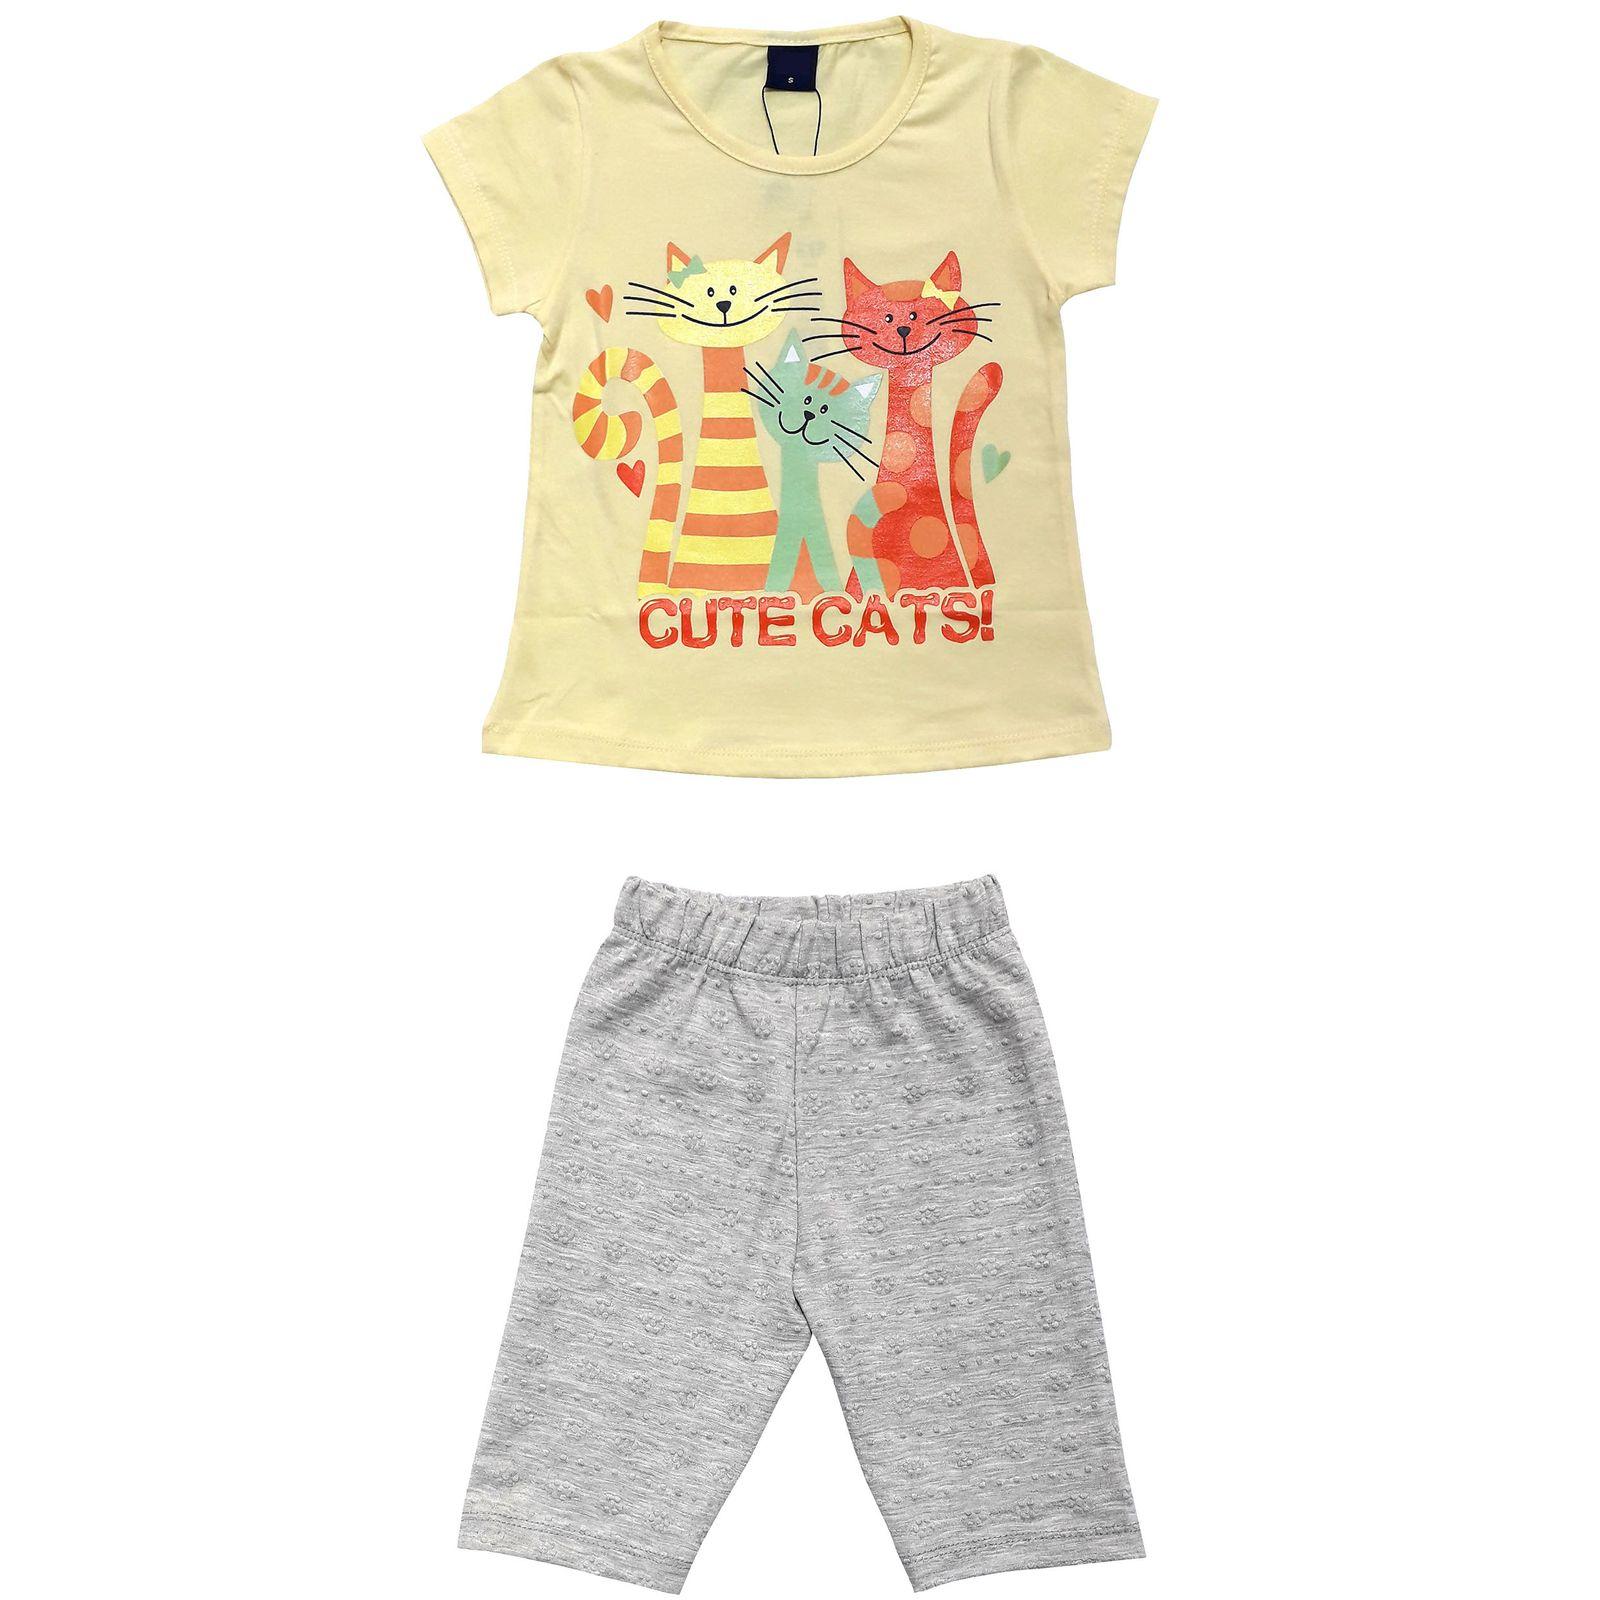 ست تی شرت و شلوارک دخترانه کد 7787921 -  - 3